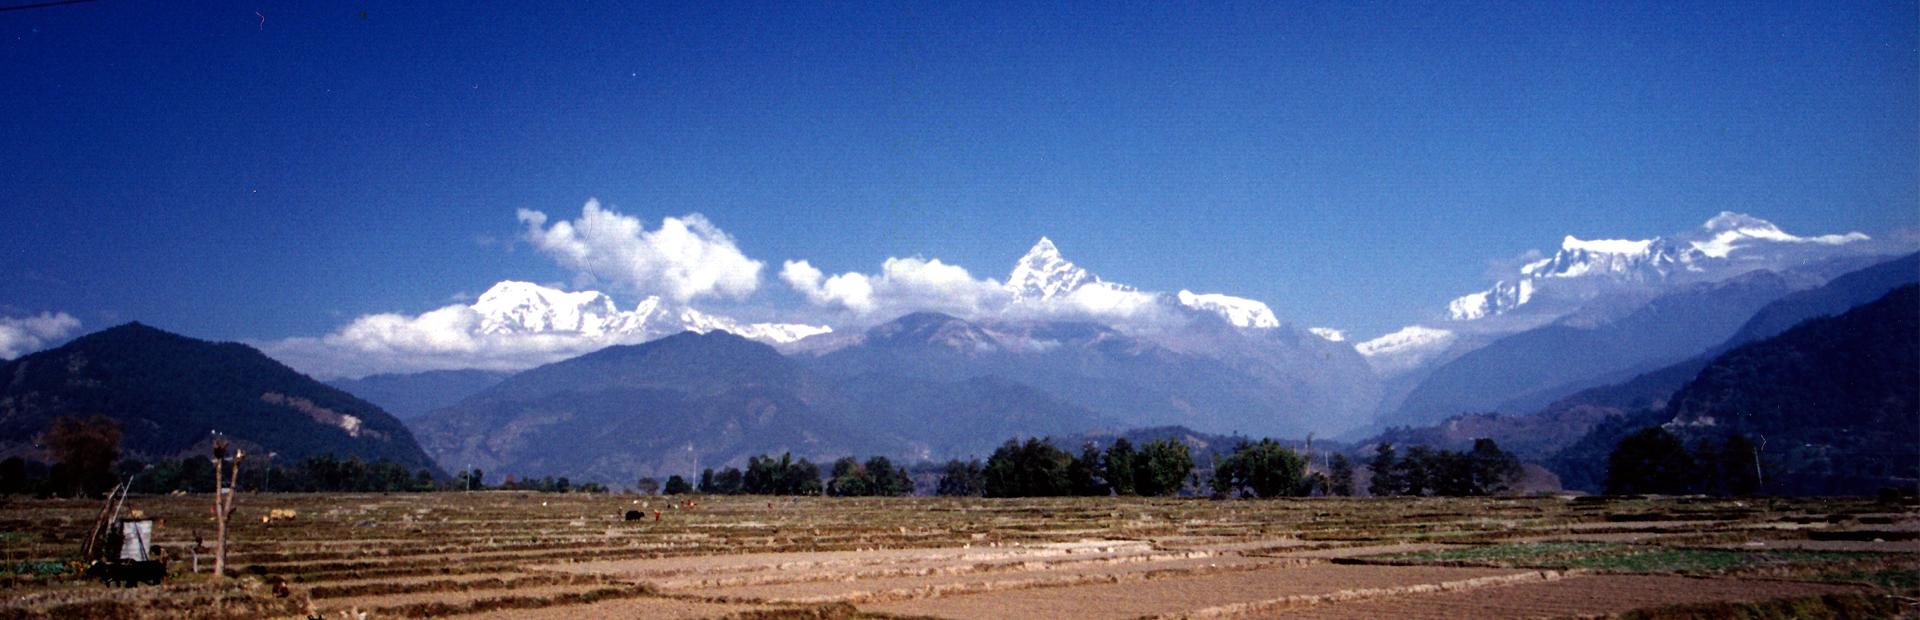 nepalvalley